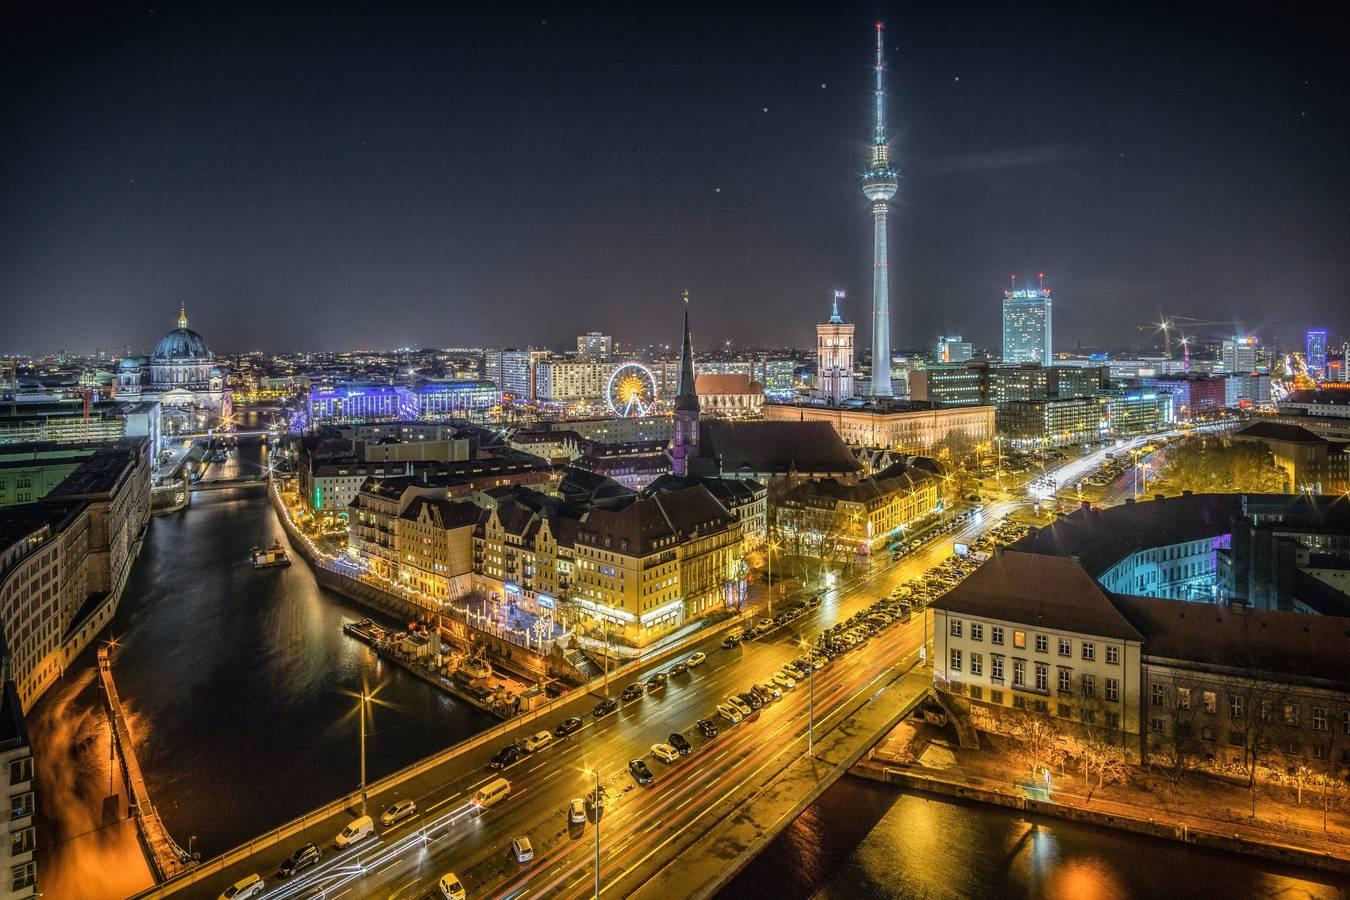 """Platz 2: Deutschland – 2019 wird in Deutschland vieles los sein, das nehmen die Autoren zum Anlass, Deutschland als zweitbestes Reiseland zu küren. Denn rund um das Jubiläum """"100 Jahre Weimarer Republik"""" sind deutschlandweit zahlreiche Events geplant. (© Unsplash)"""